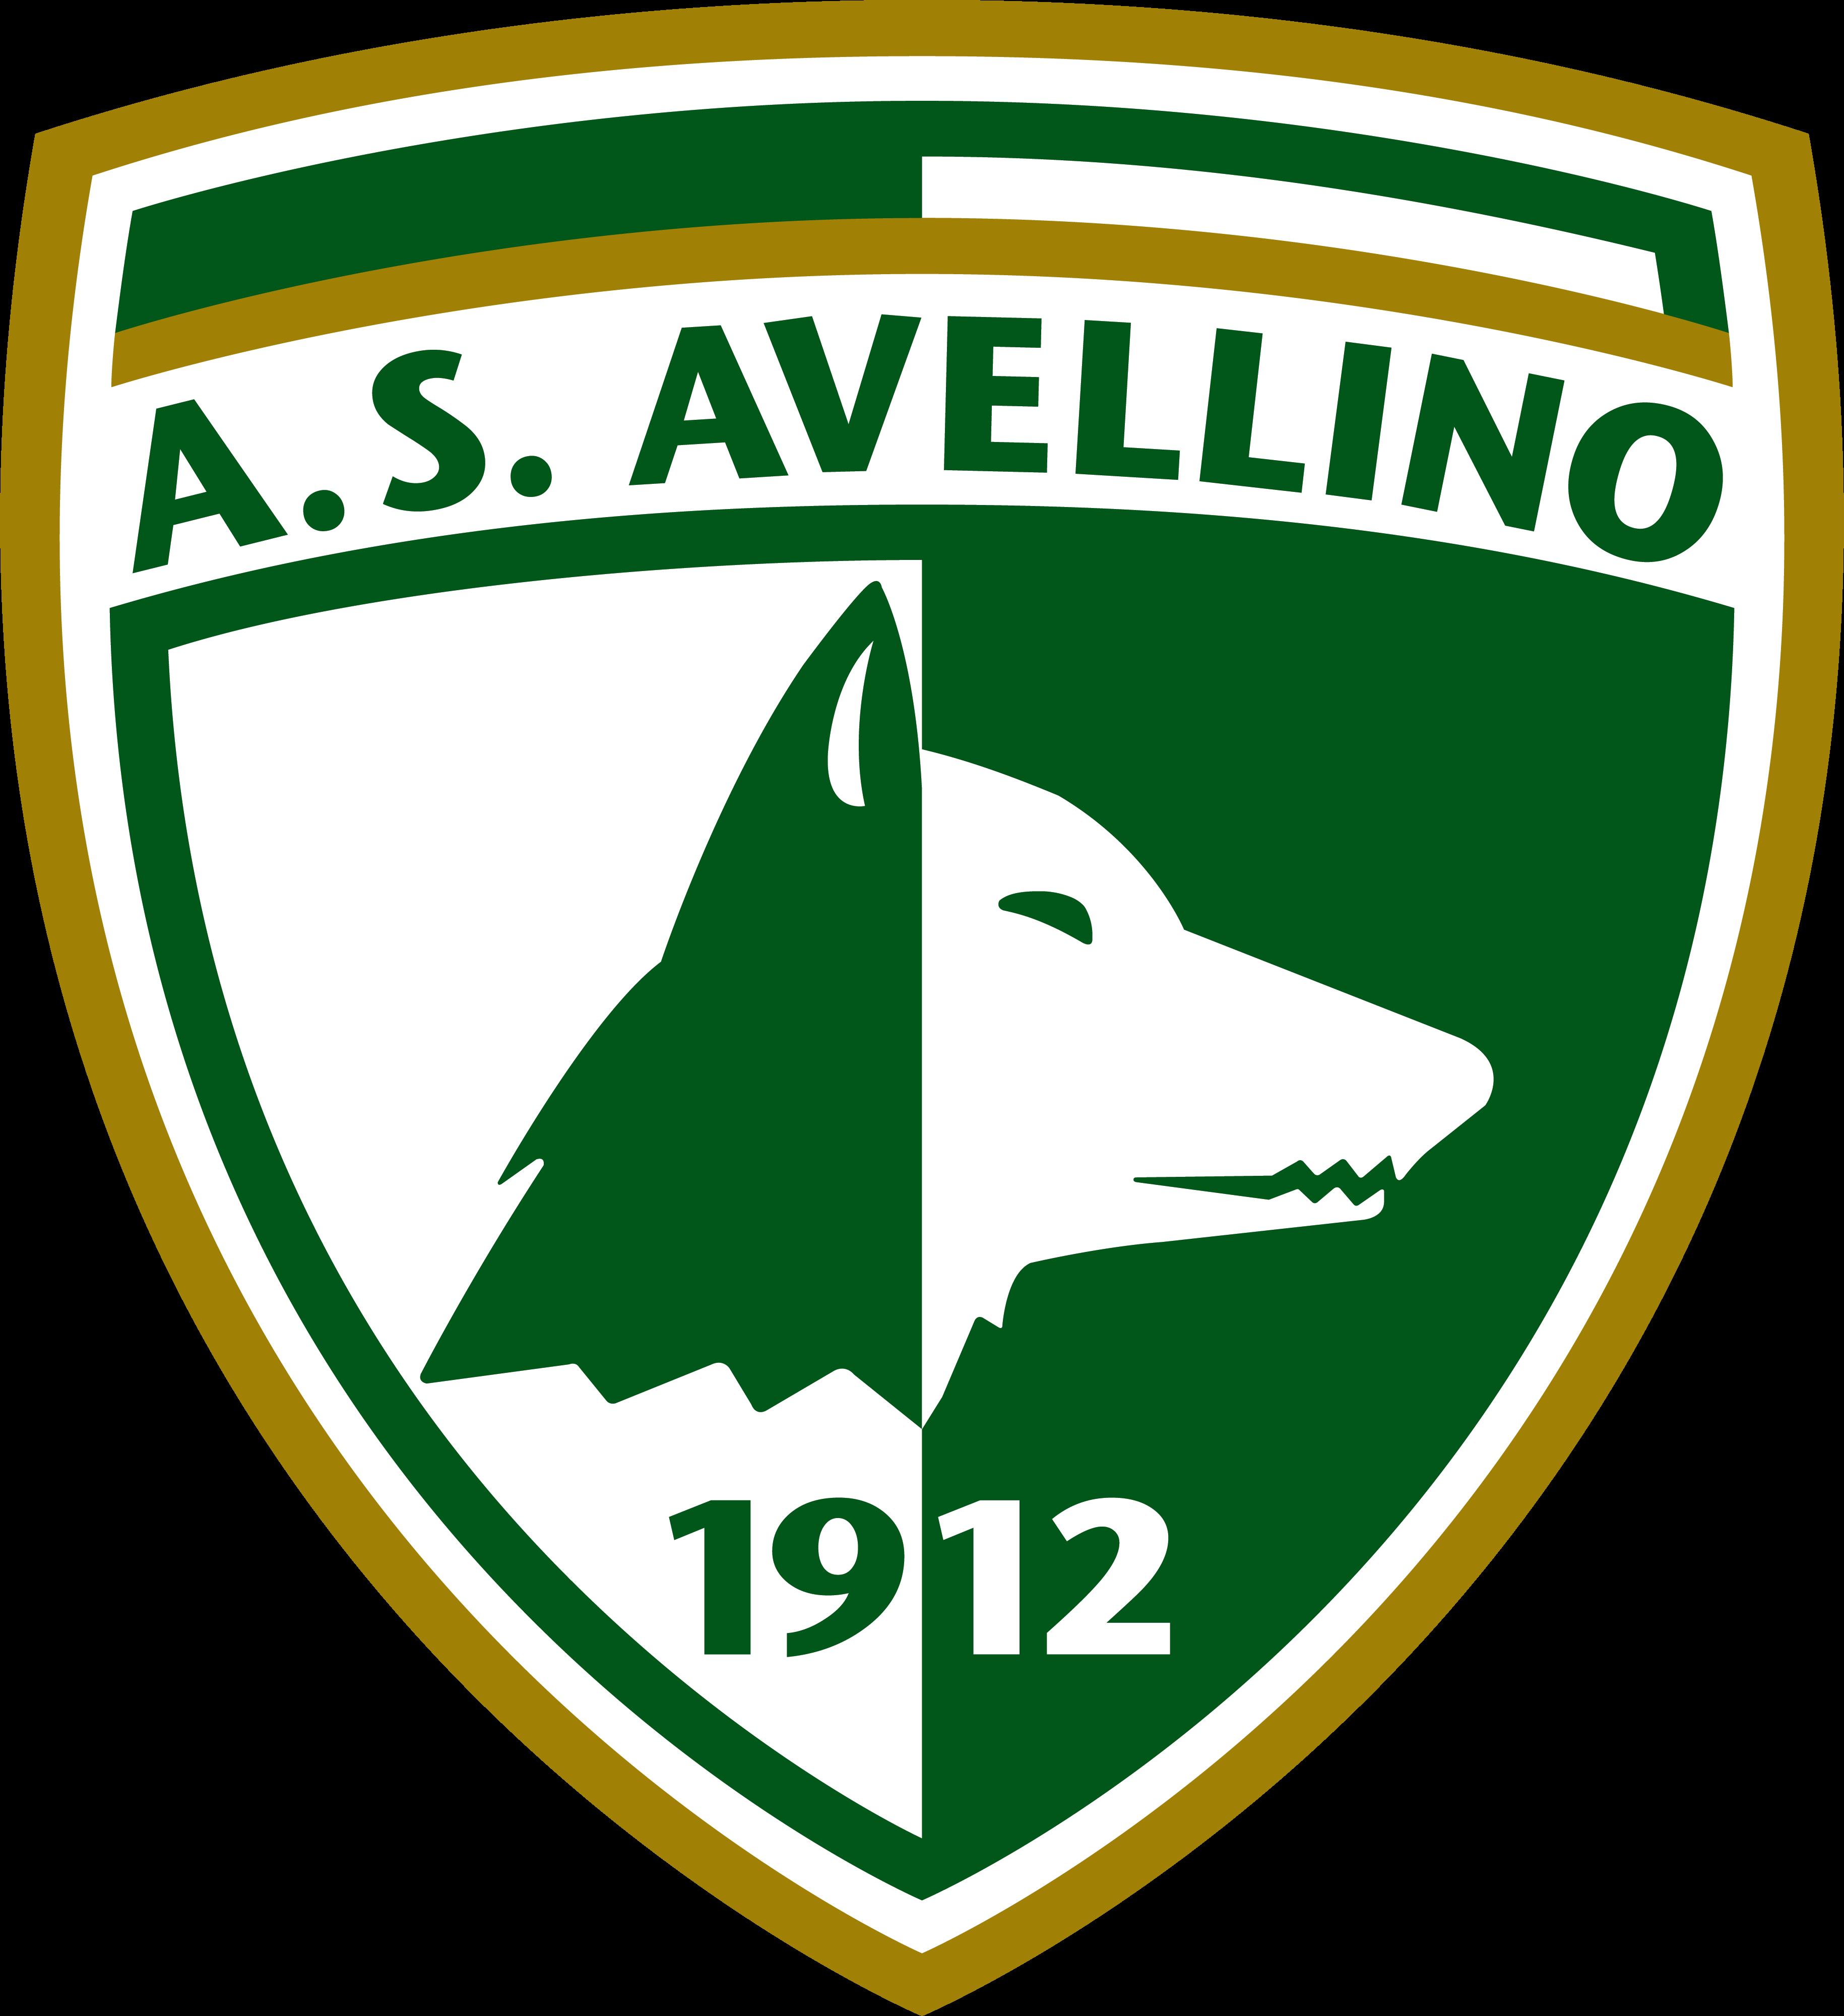 File:Asavellino1912stemma.png